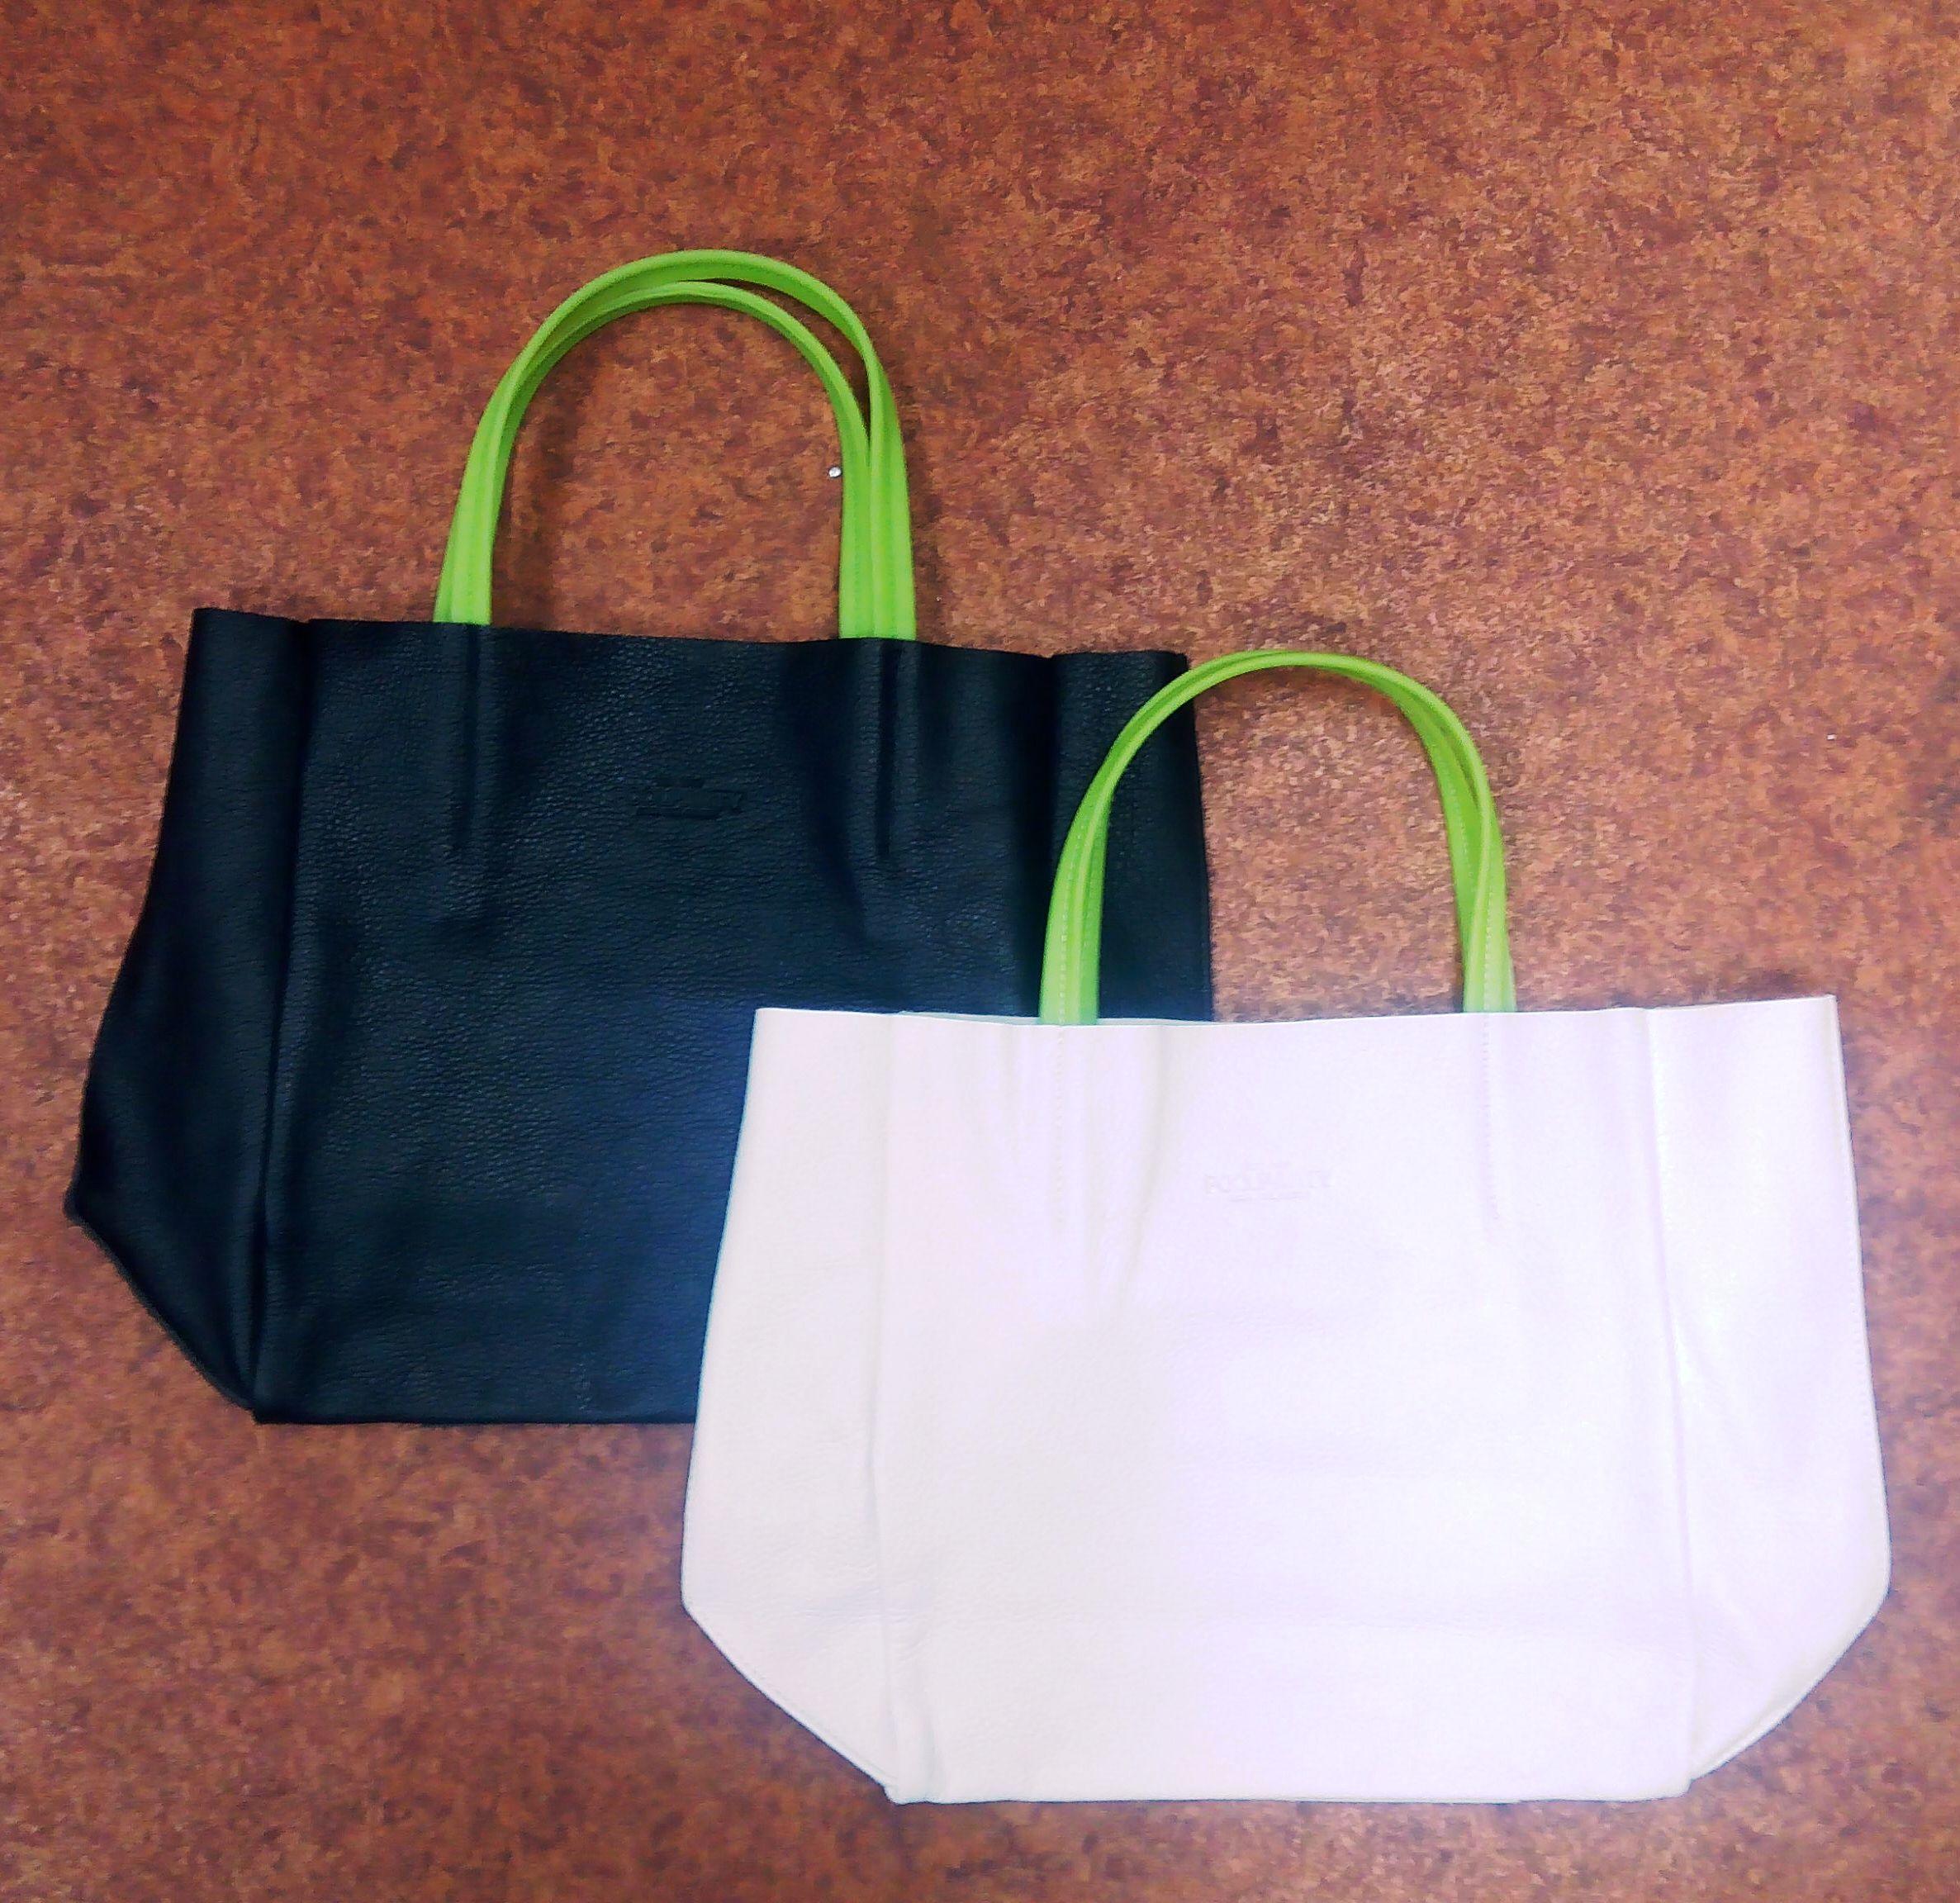 кожаные сумки poolparty soho с силиконовыми ручками